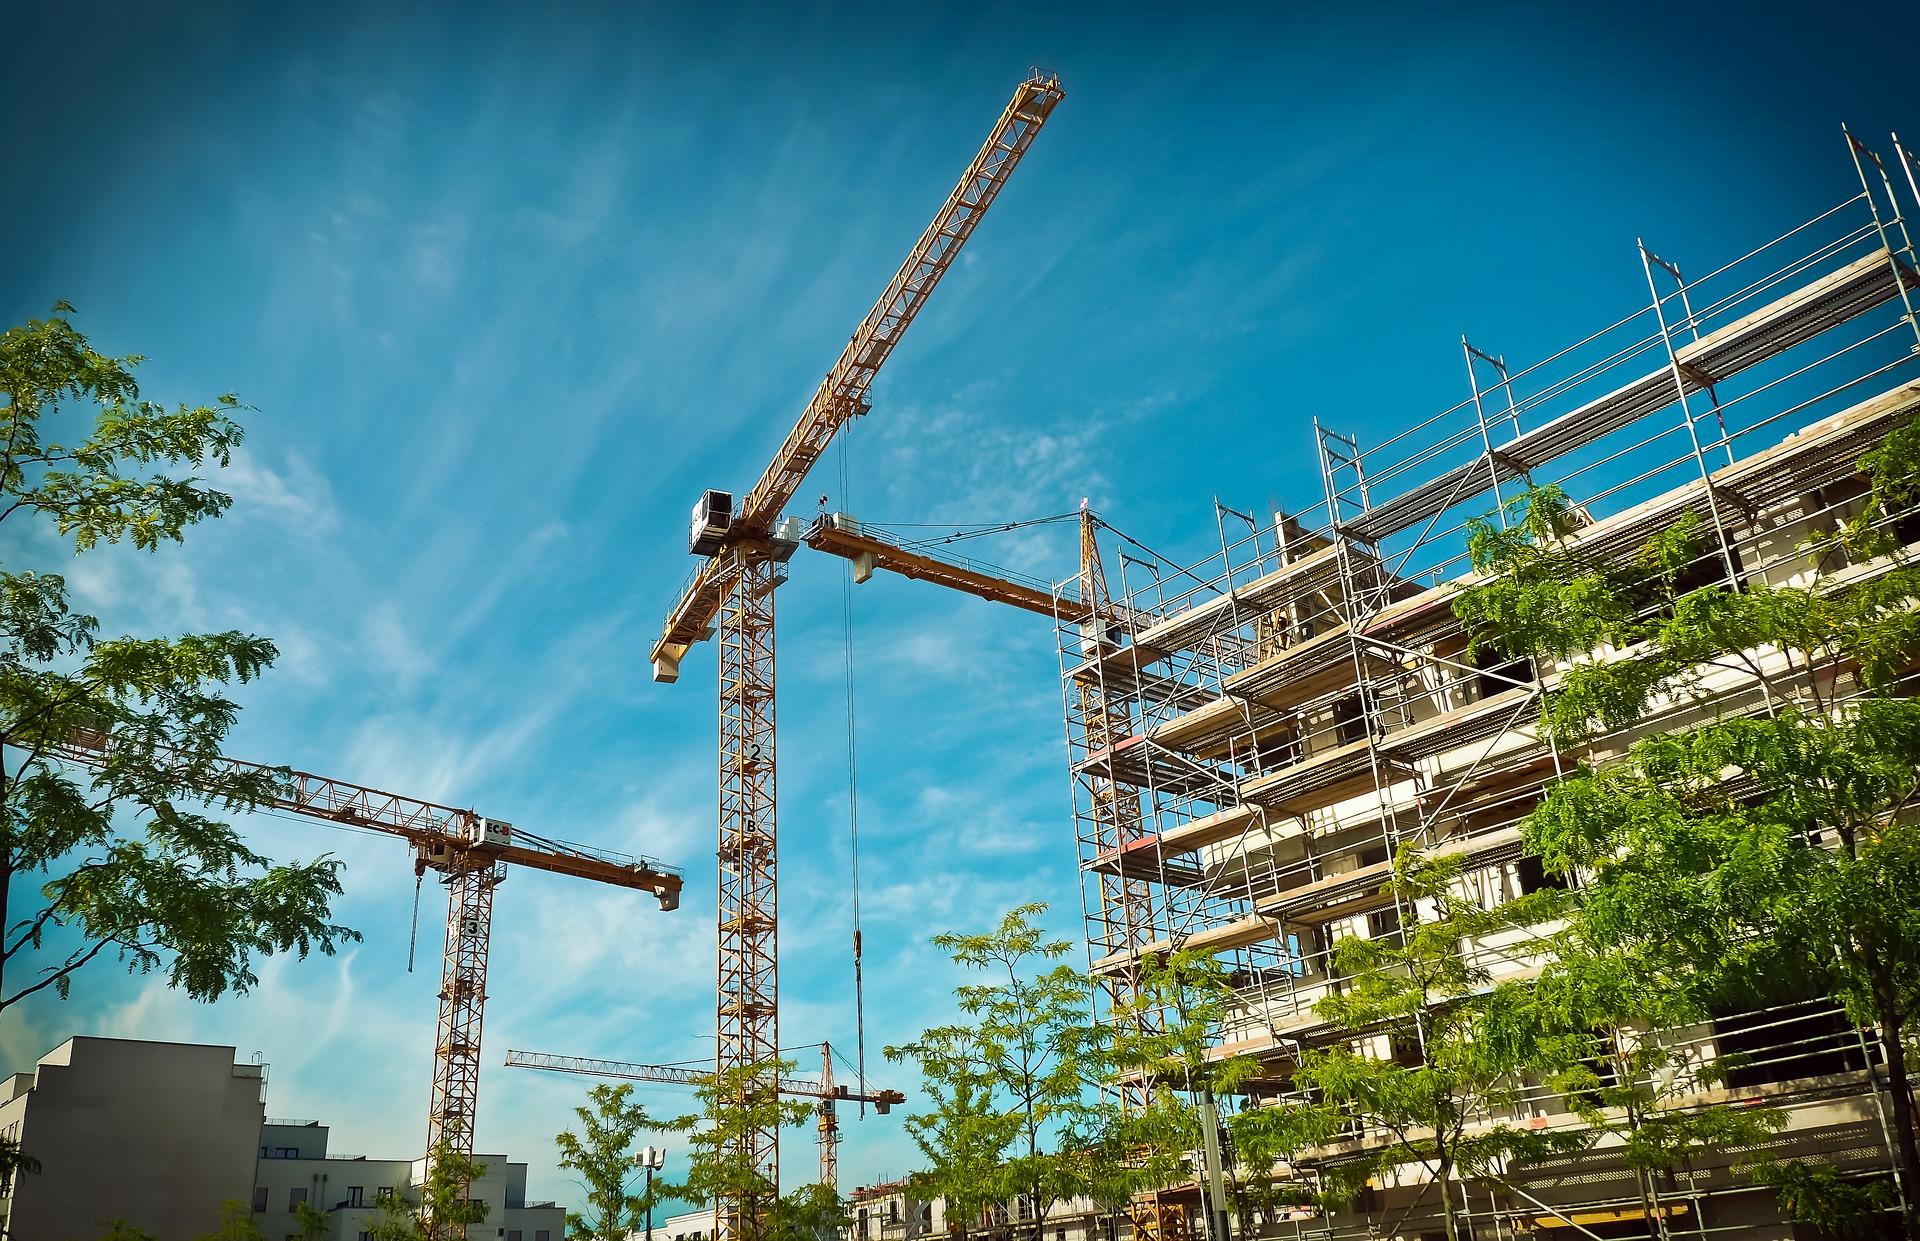 Hausbau Preise, Kosten, Grundstücks- und Grundsteuer: Planen Sie Ihren Bau